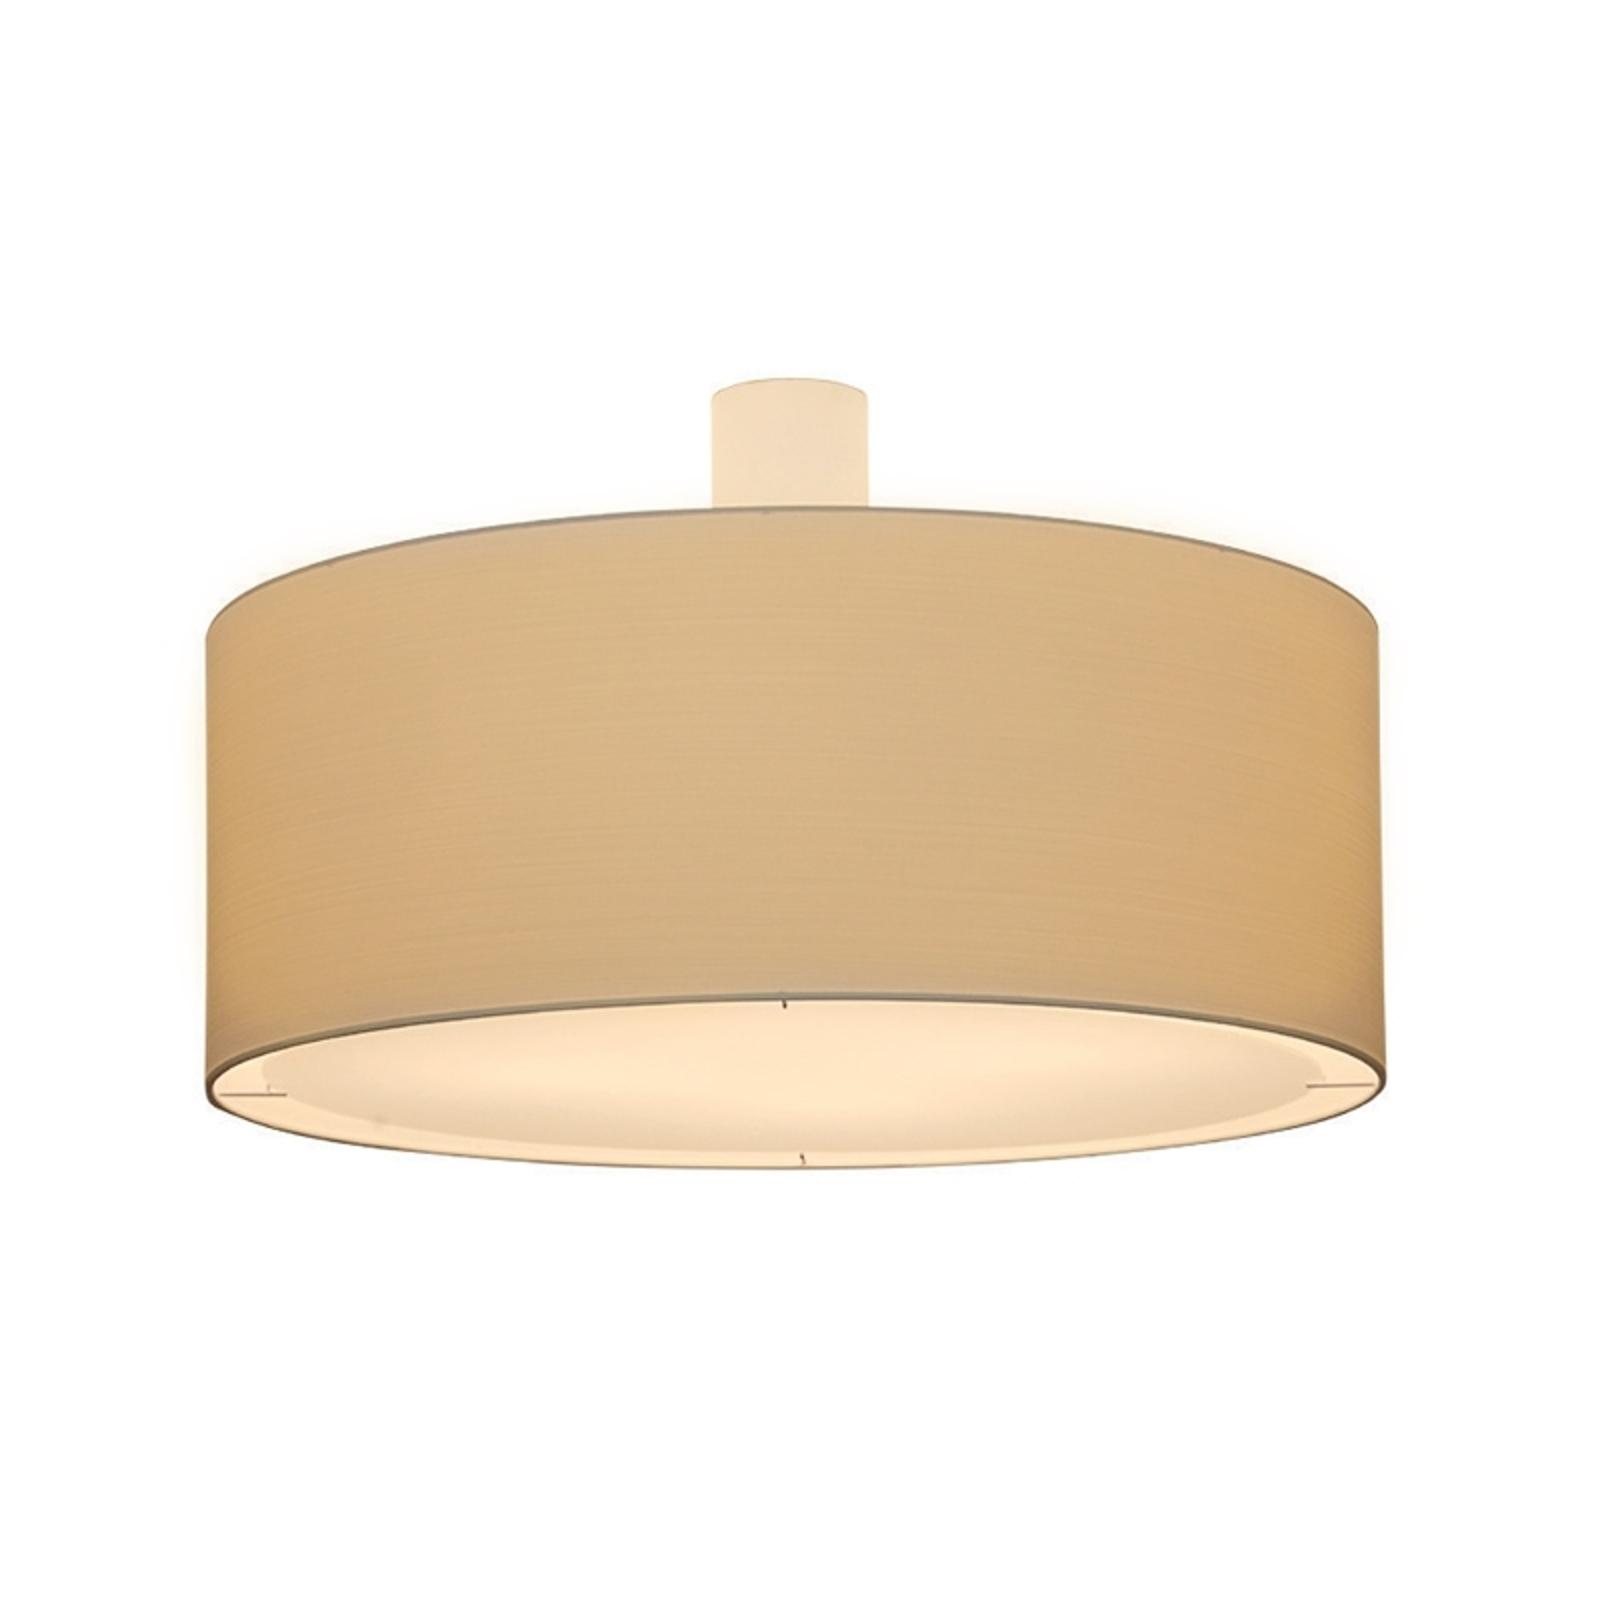 Plafondlamp LIVING ELEGANT, diameter 60 cm, crème